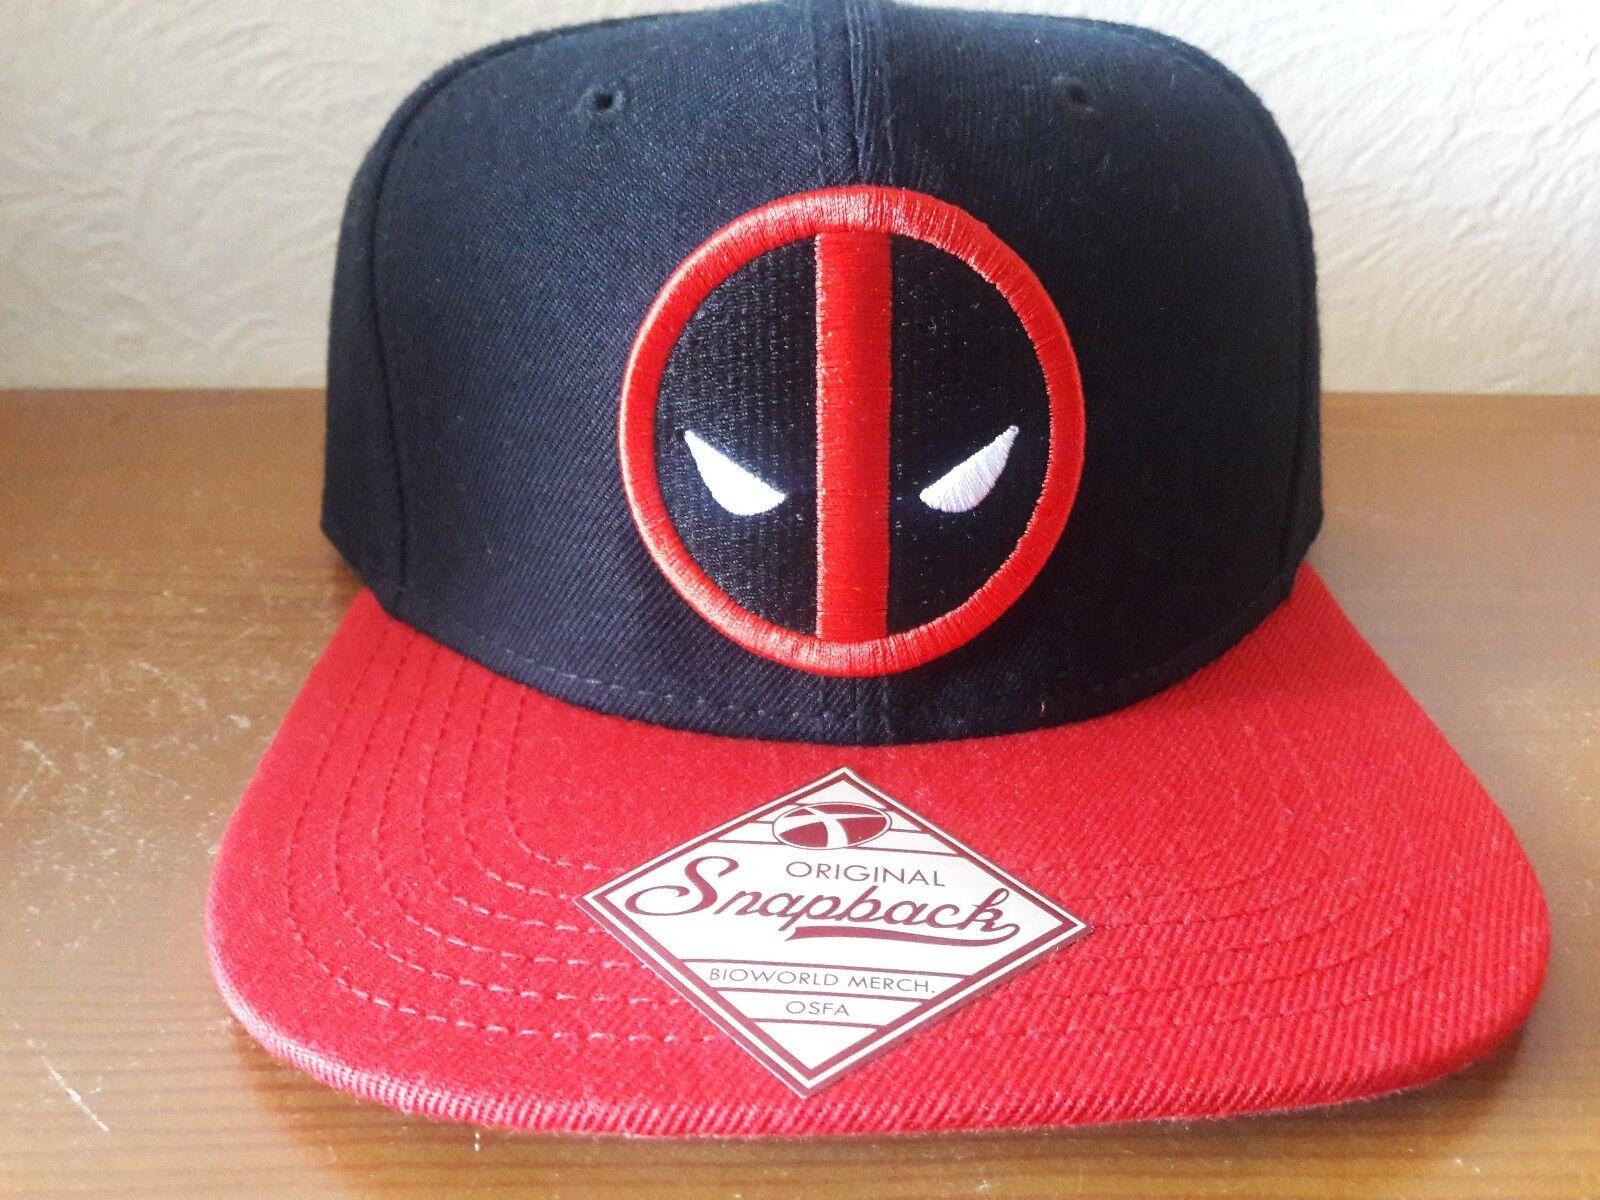 3a5aa38544fab ... australia marvel original snapback deadpool hat deadpool snapback black  red adjustable 07a871 d9bee 84ad0